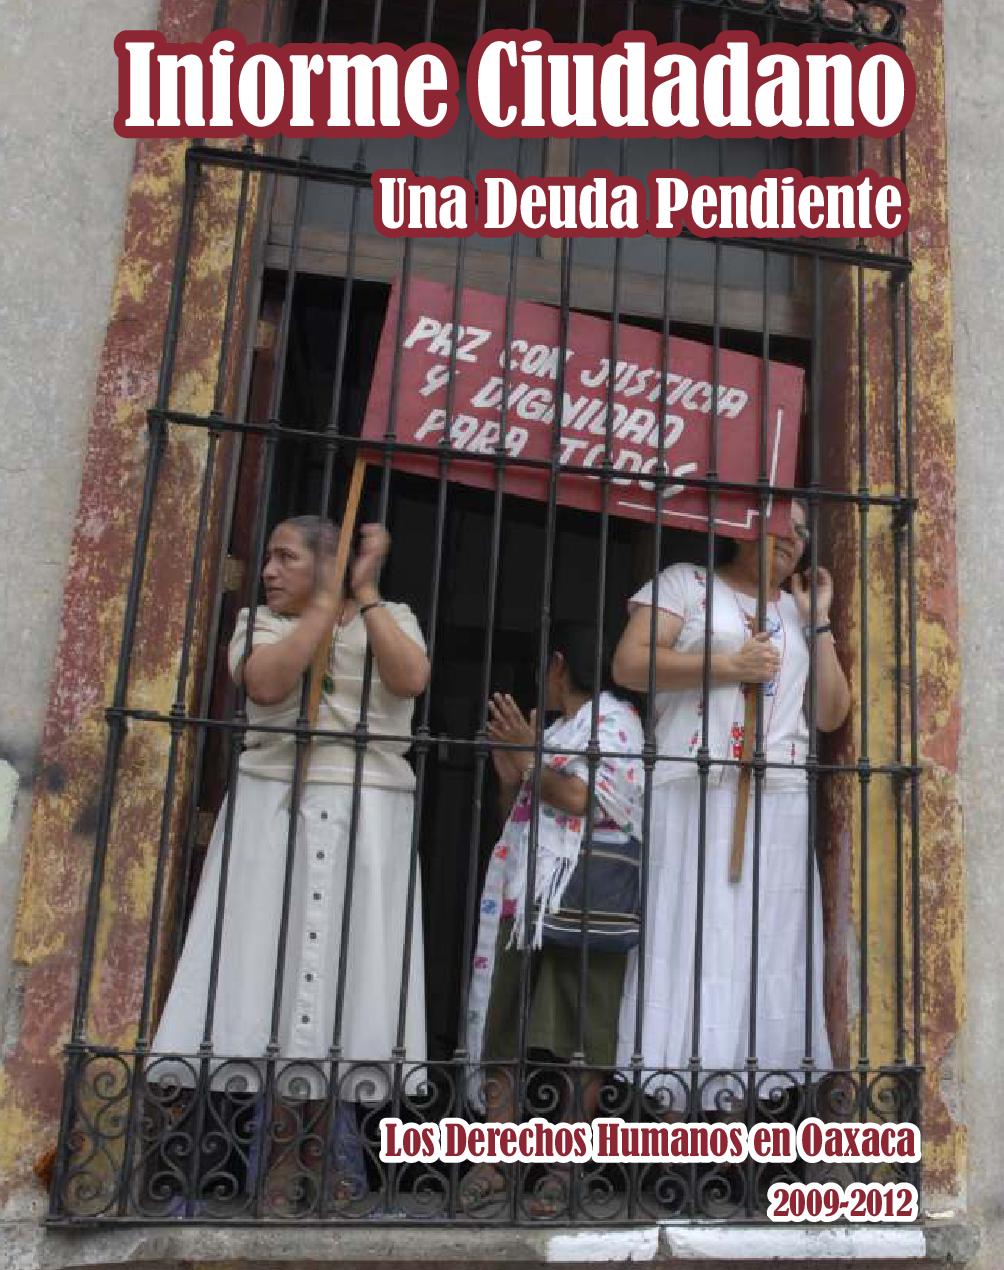 Los Derechos Humanos en Oaxaca 2009-2012